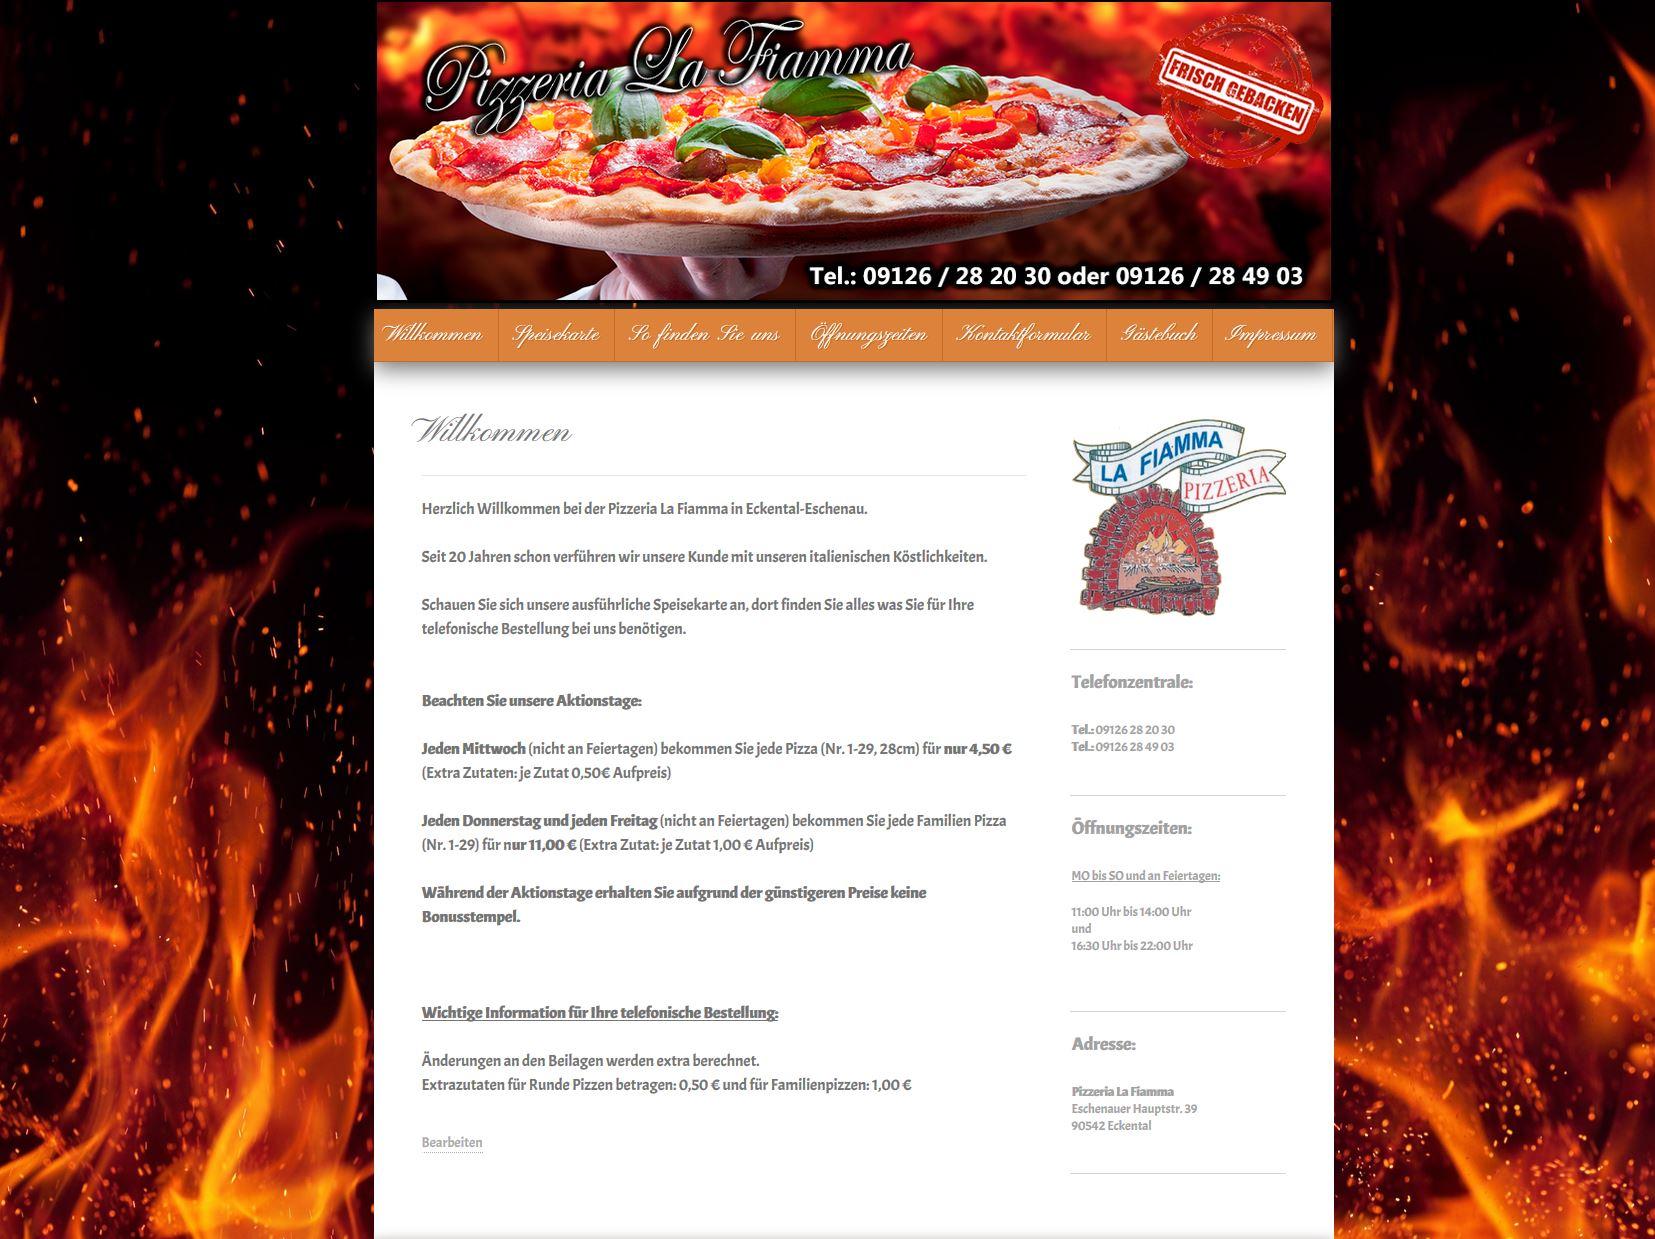 Pizzeria La-Fiamma